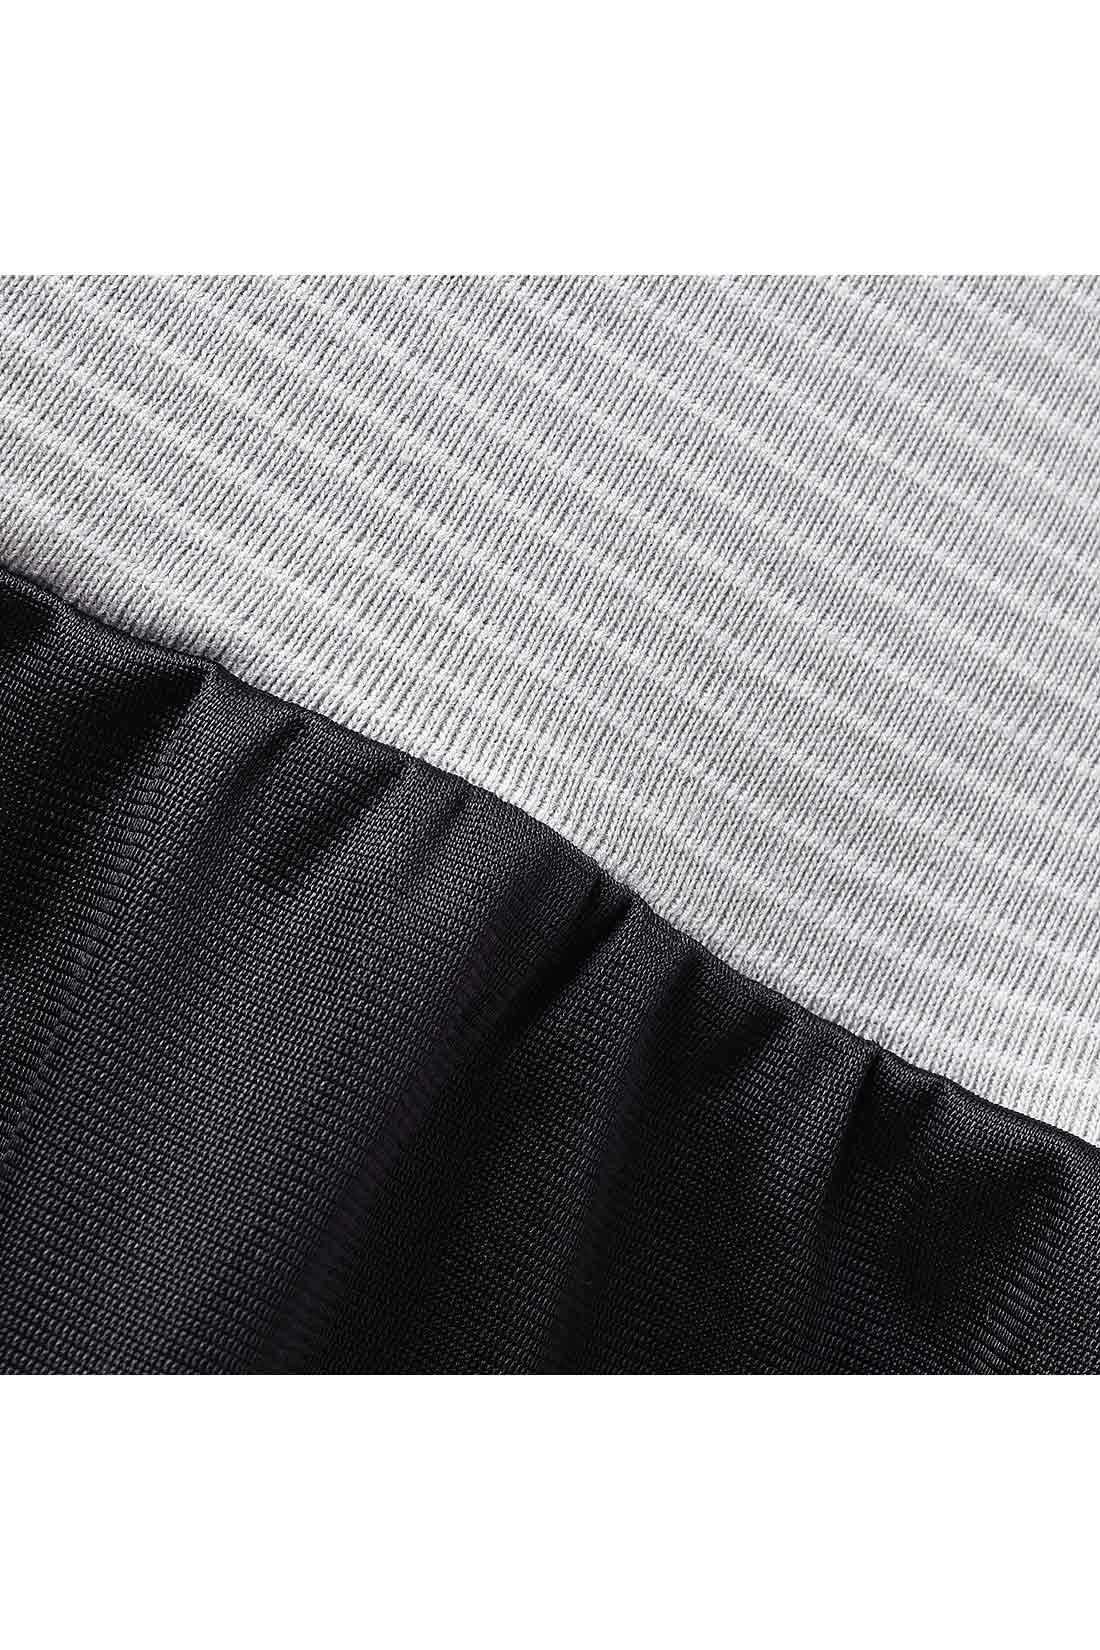 スカート部分の素材は、裏起毛をほどこしたやさしい肌ざわり。